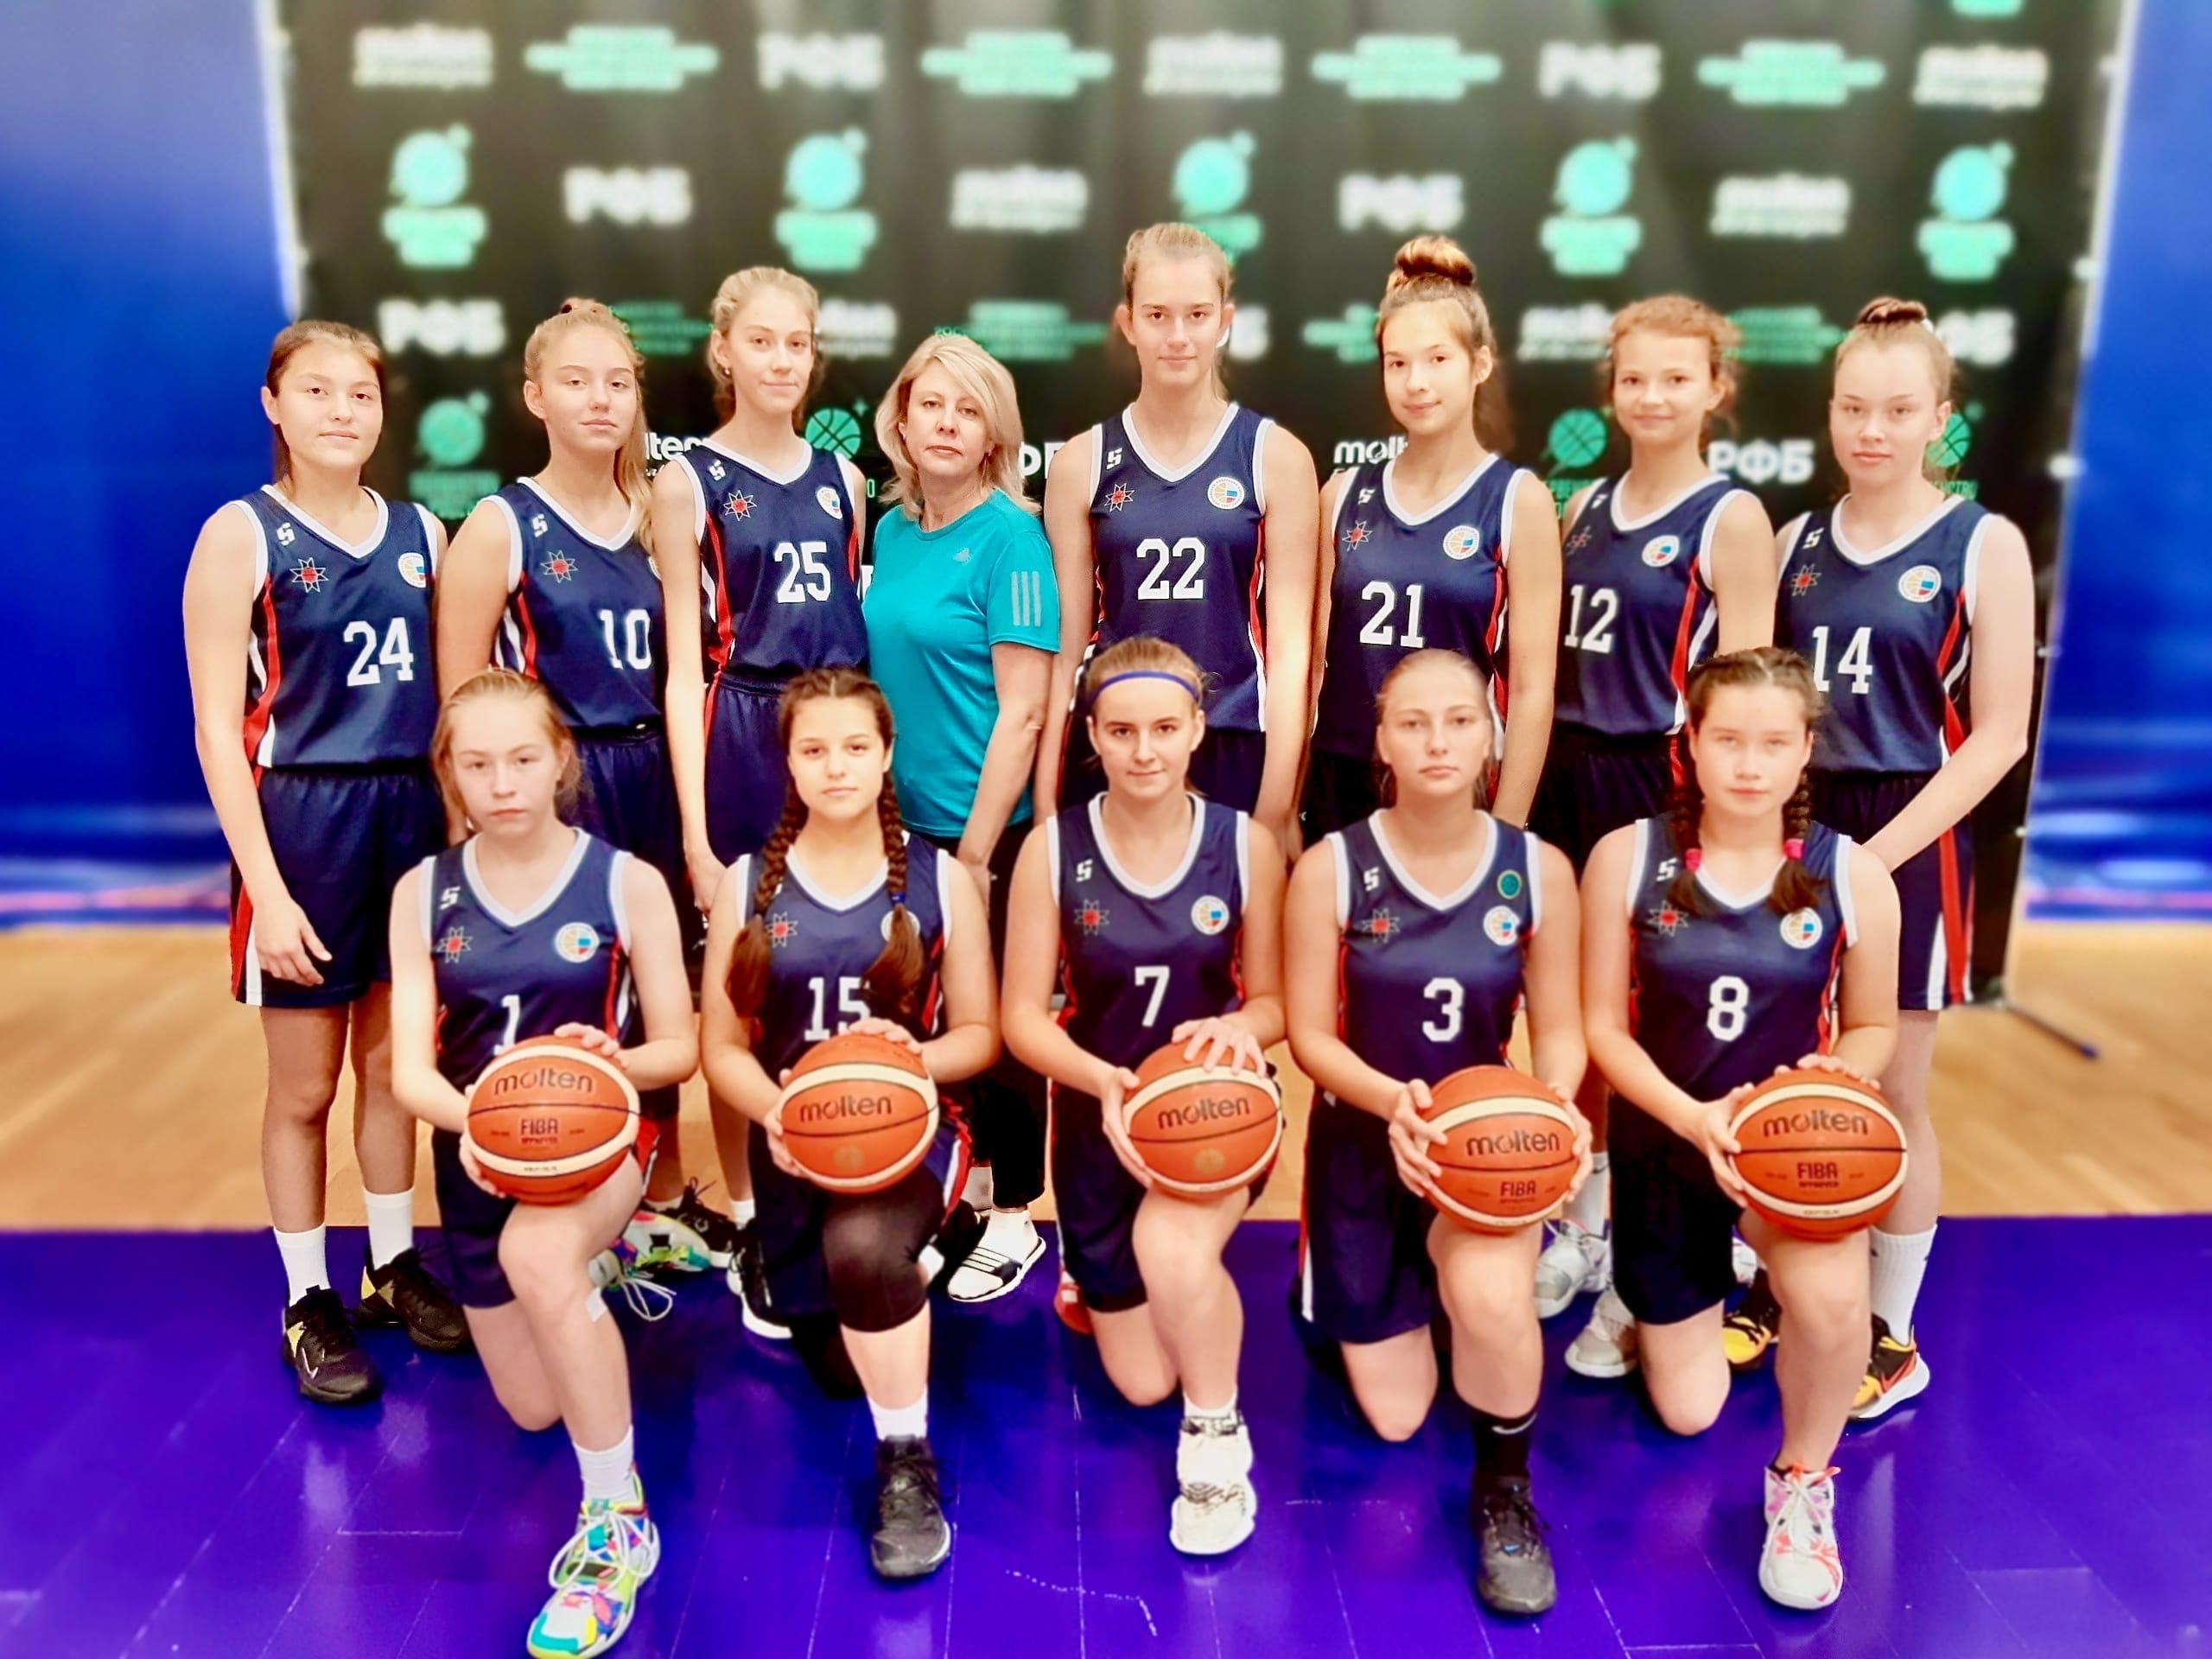 В Москве завершился Финал Первенства по баскетболу среди девушек 2006 г.р. и моложе.